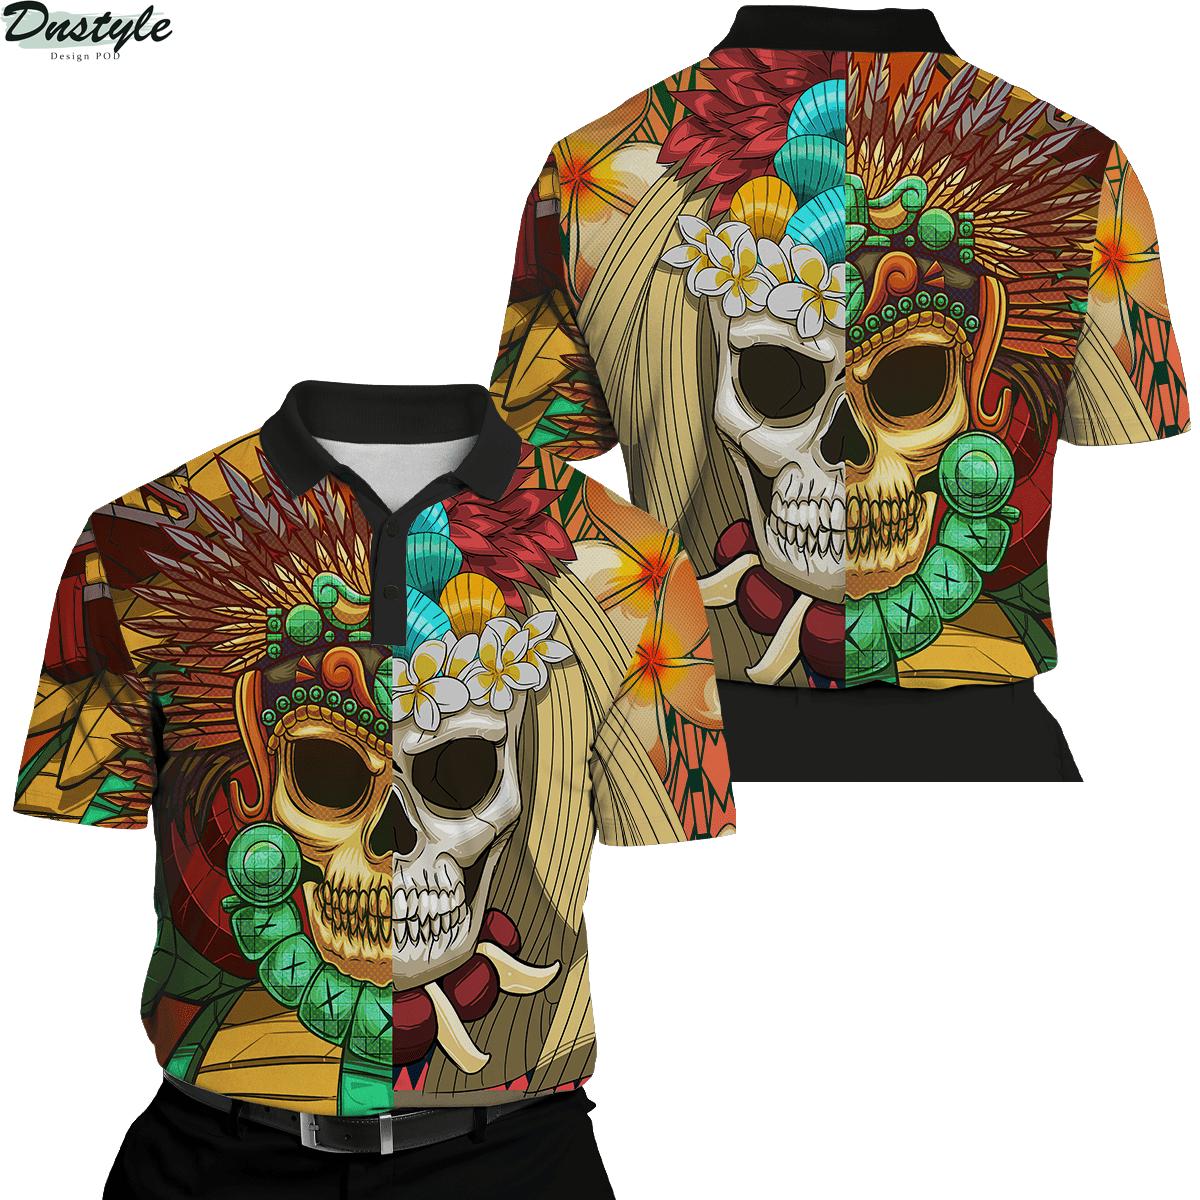 Premium Native American Skull Pattern 3d printed hoodie 6